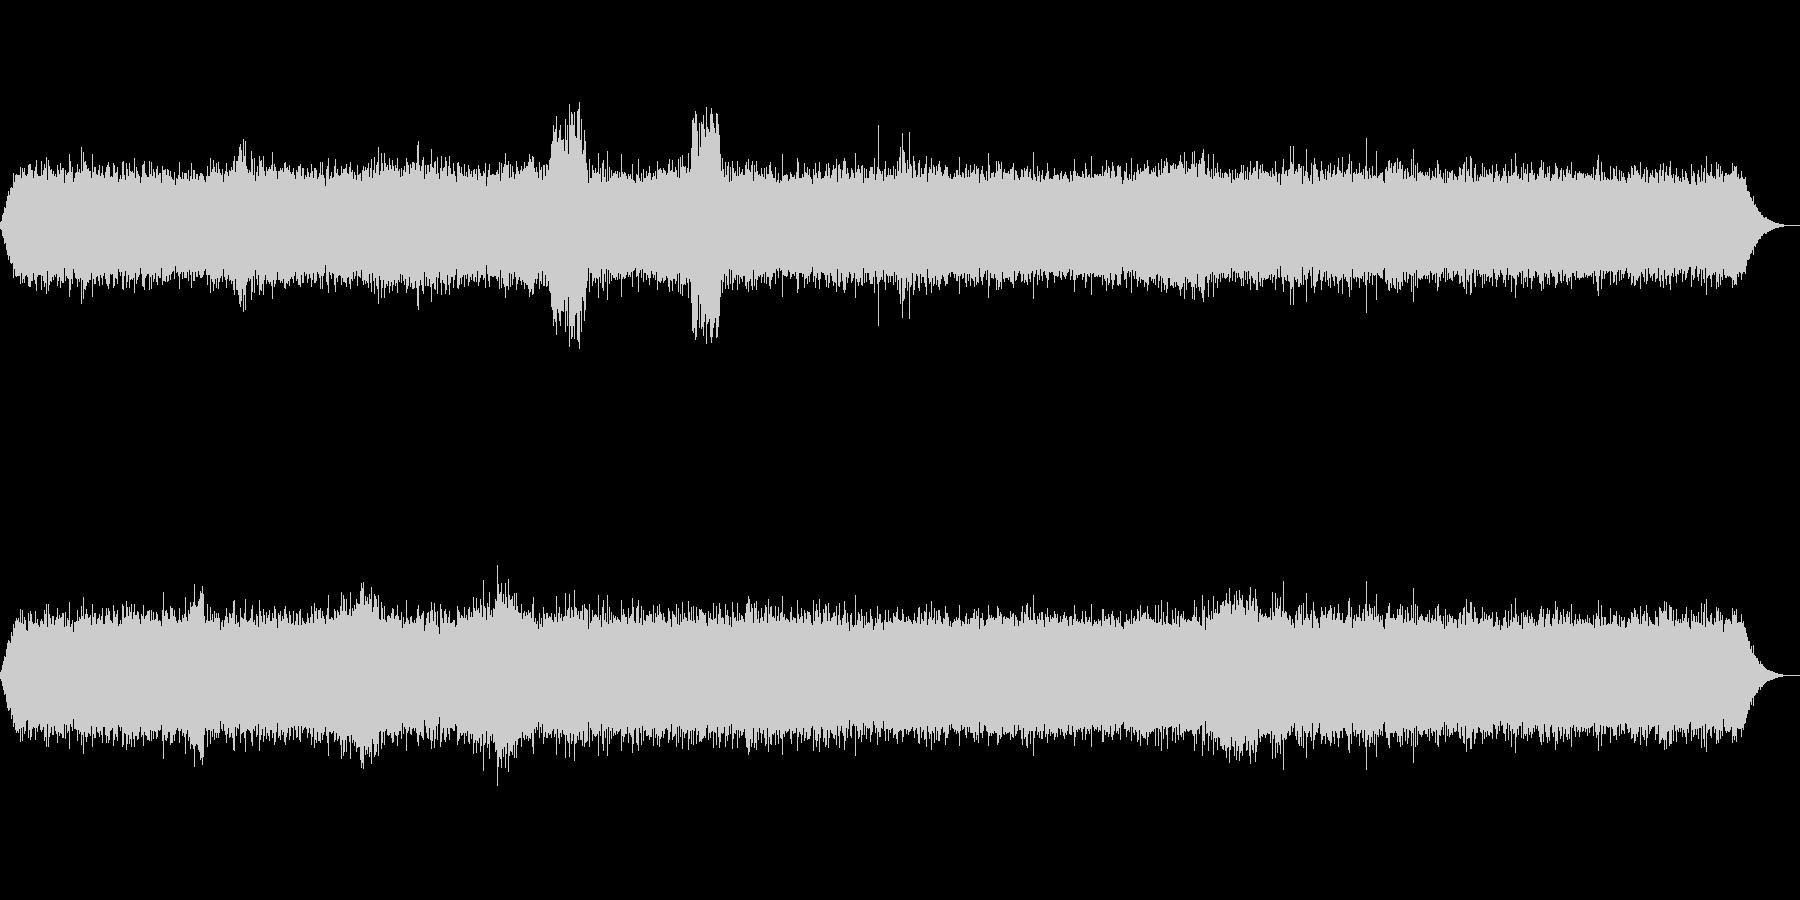 【ザー】ラジオのノイズ音の未再生の波形